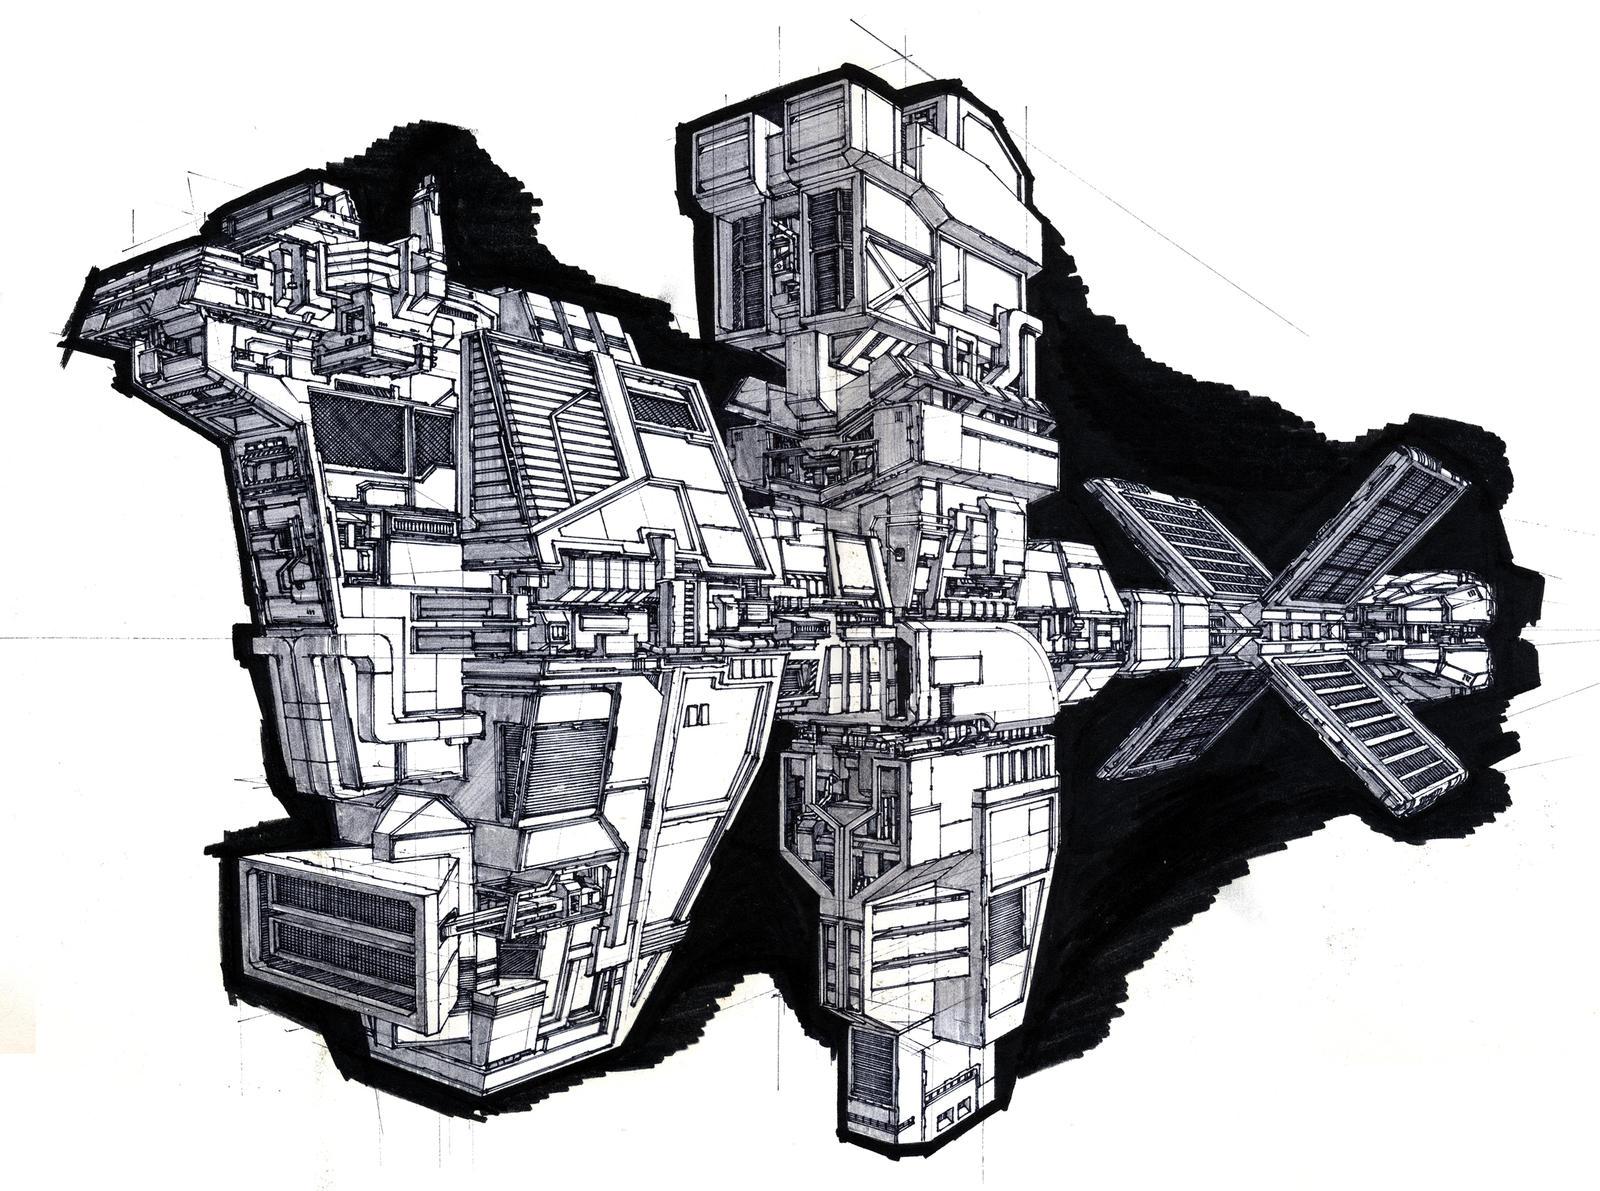 Interplanetary Explorer by SpireKat